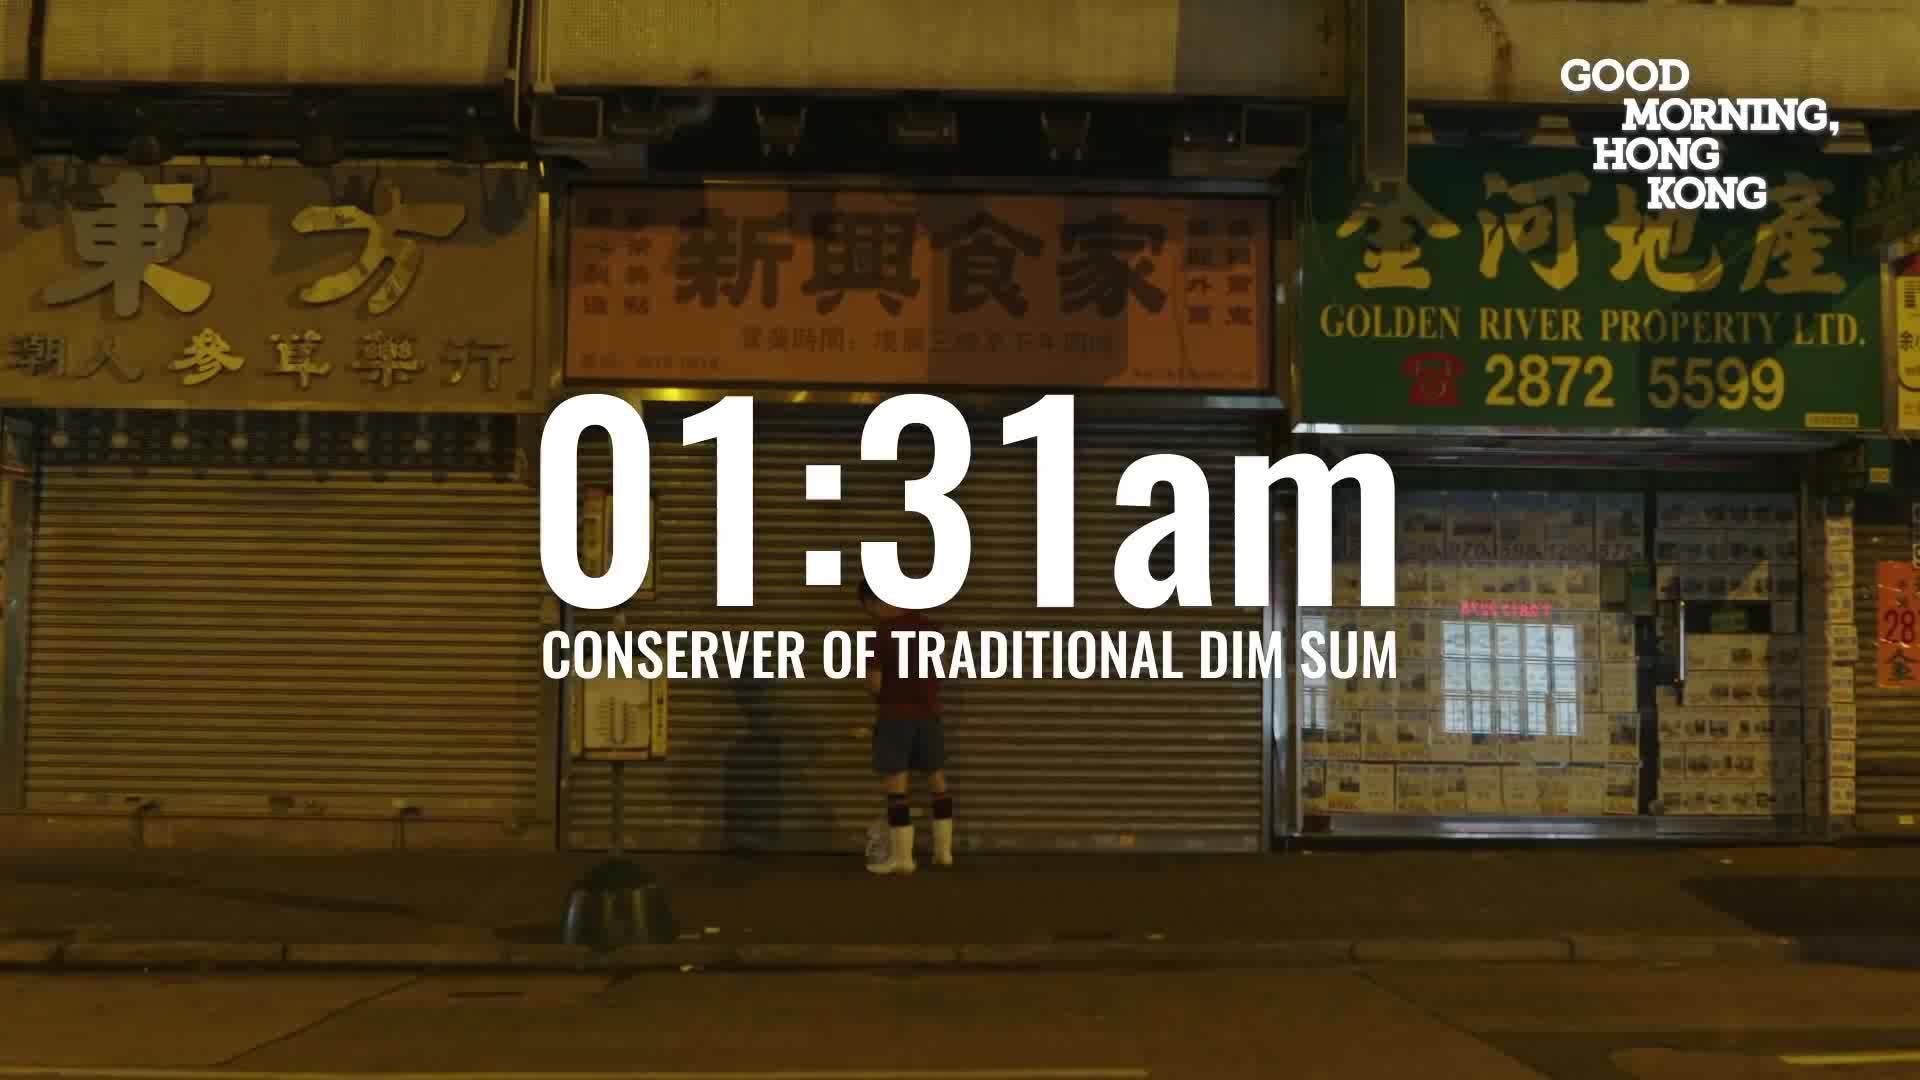 Quán dimsum gần 40 năm bán từ nửa đêm ở Hong Kong